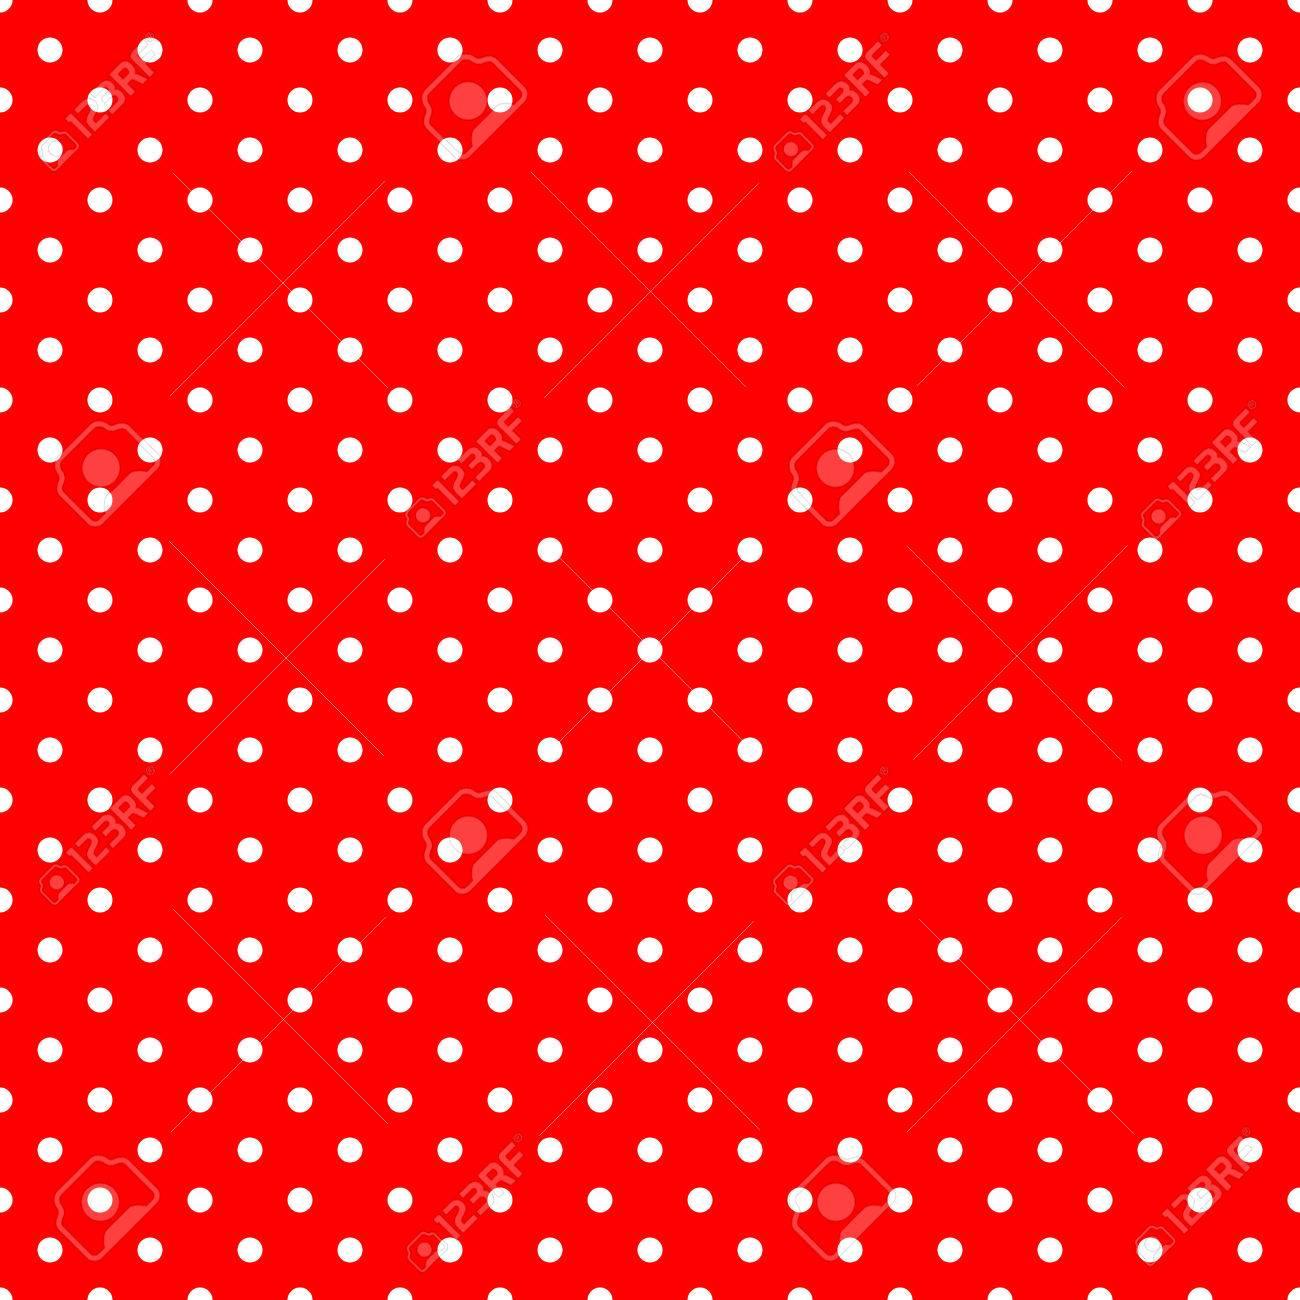 Weiße Tupfen Auf Rotem Hintergrund Große Nahtlose Muster Lizenzfreie ...